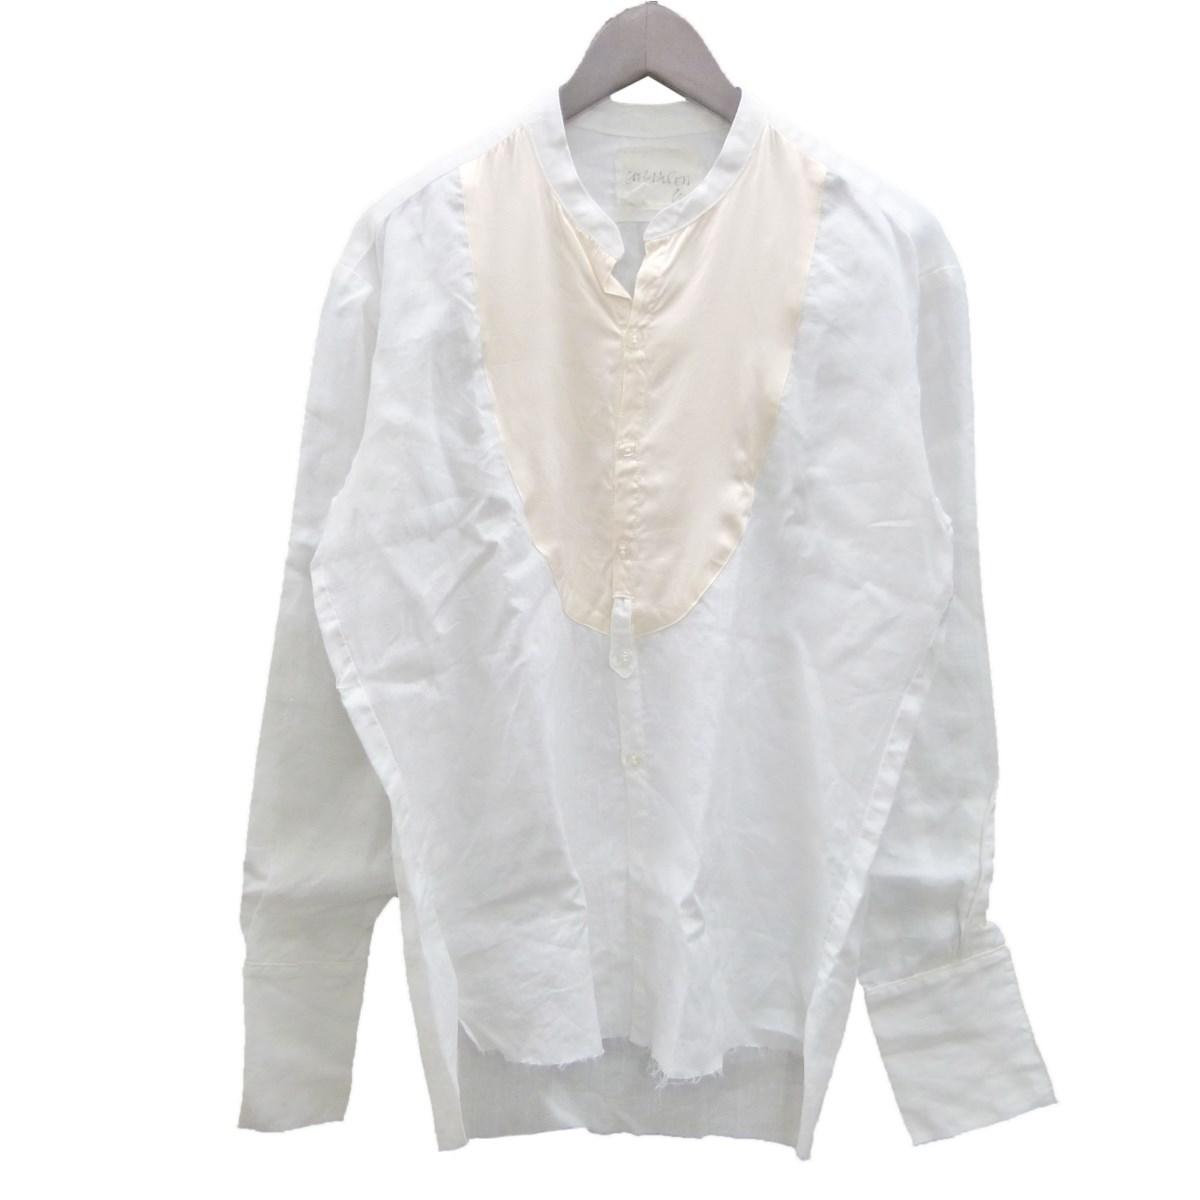 【中古】GREG LAUREN 「THE STUDIO SHIRT」ノーカラーリネンシルクシャツ ホワイト サイズ:1 【180320】(グレッグローレン)